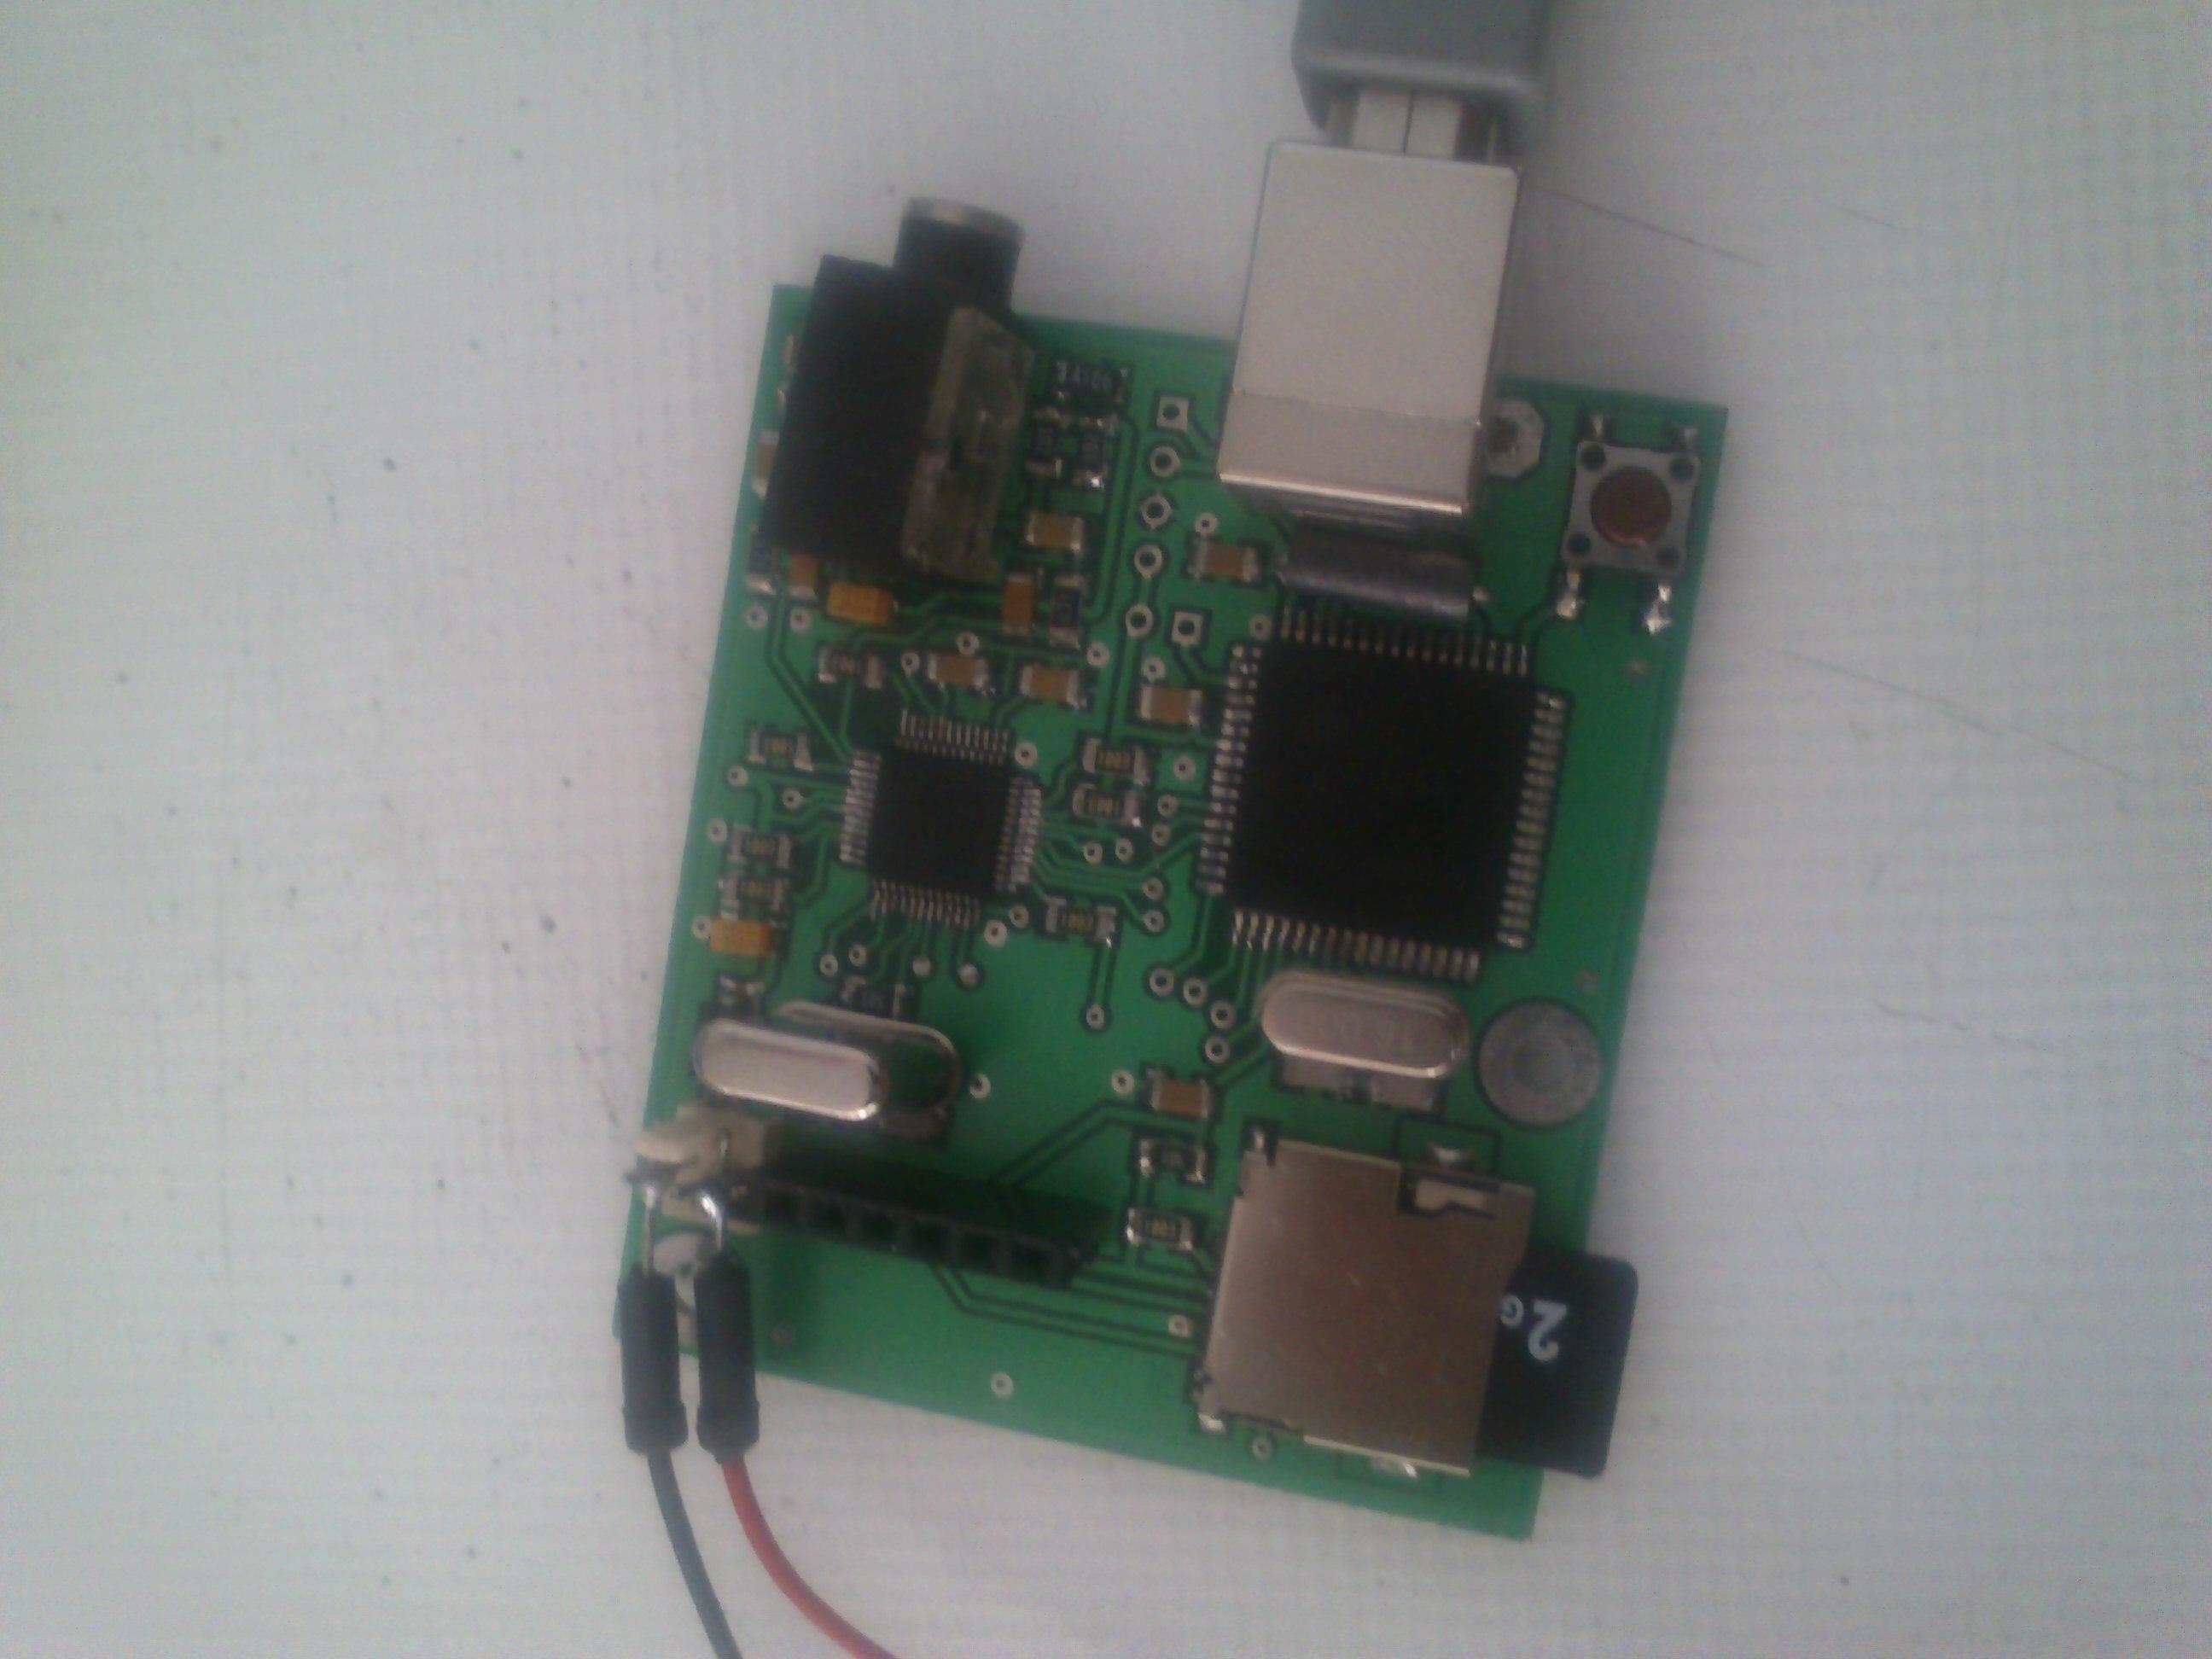 کیت ضبط و پخش صدا با کیفیت  16kbps با استفاده از ماژول vs1003